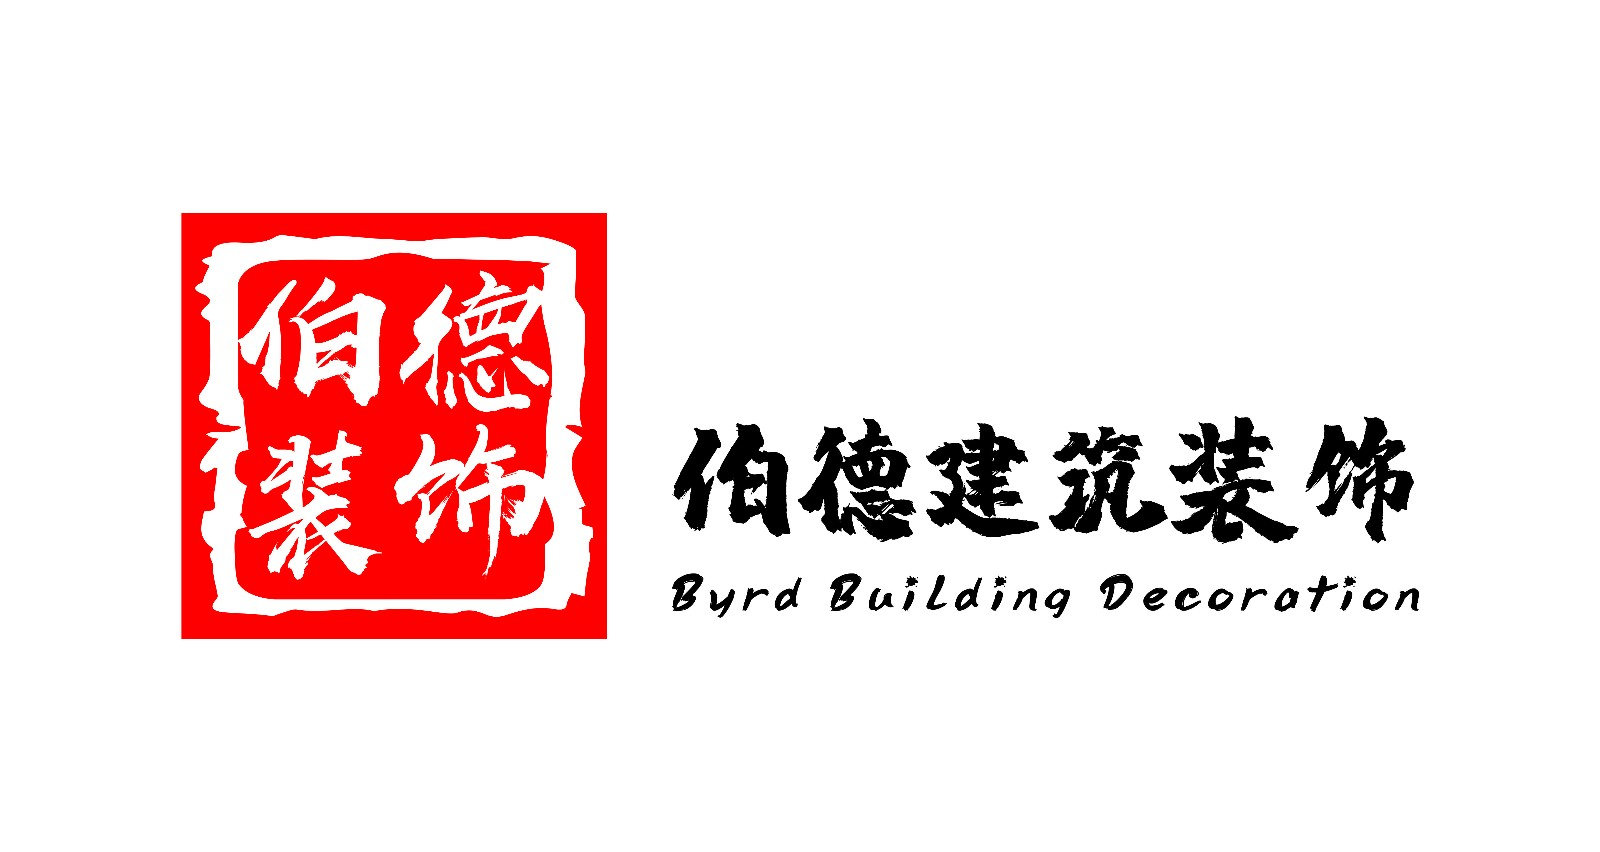 浙江伯德建筑装饰设计工程有限公司